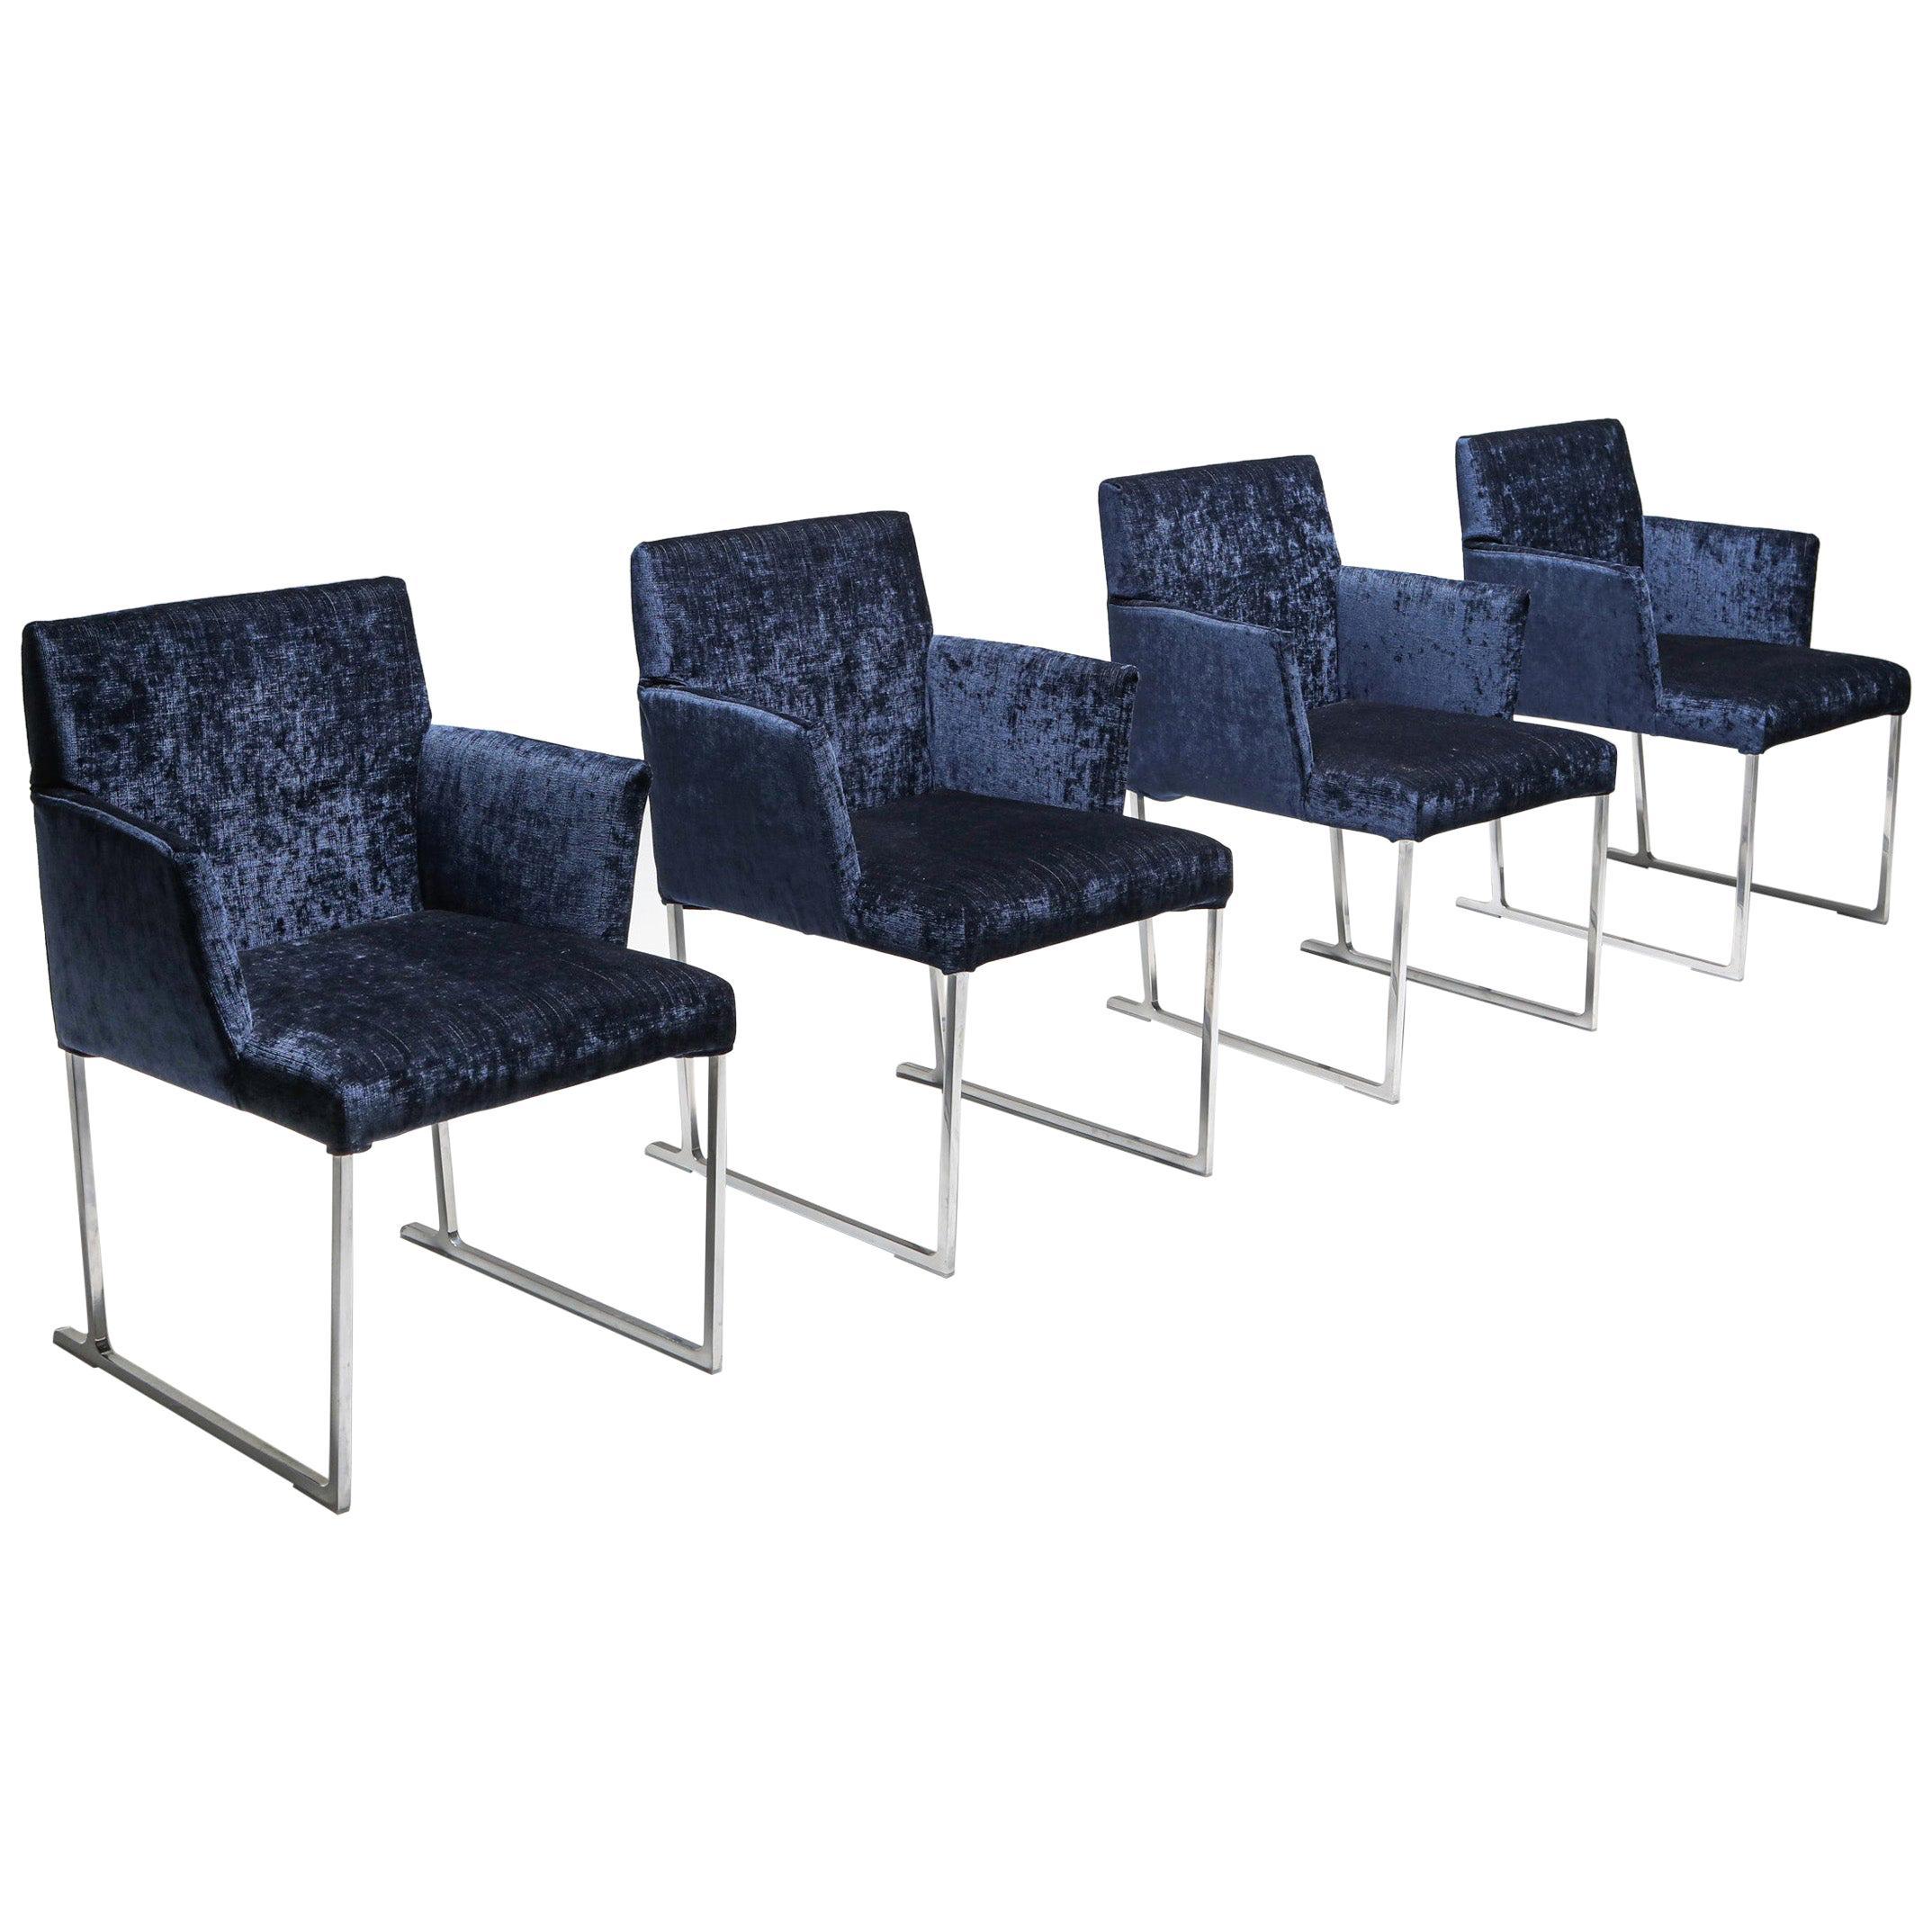 Solo Chairs by Antonio Citterio for Maxalto